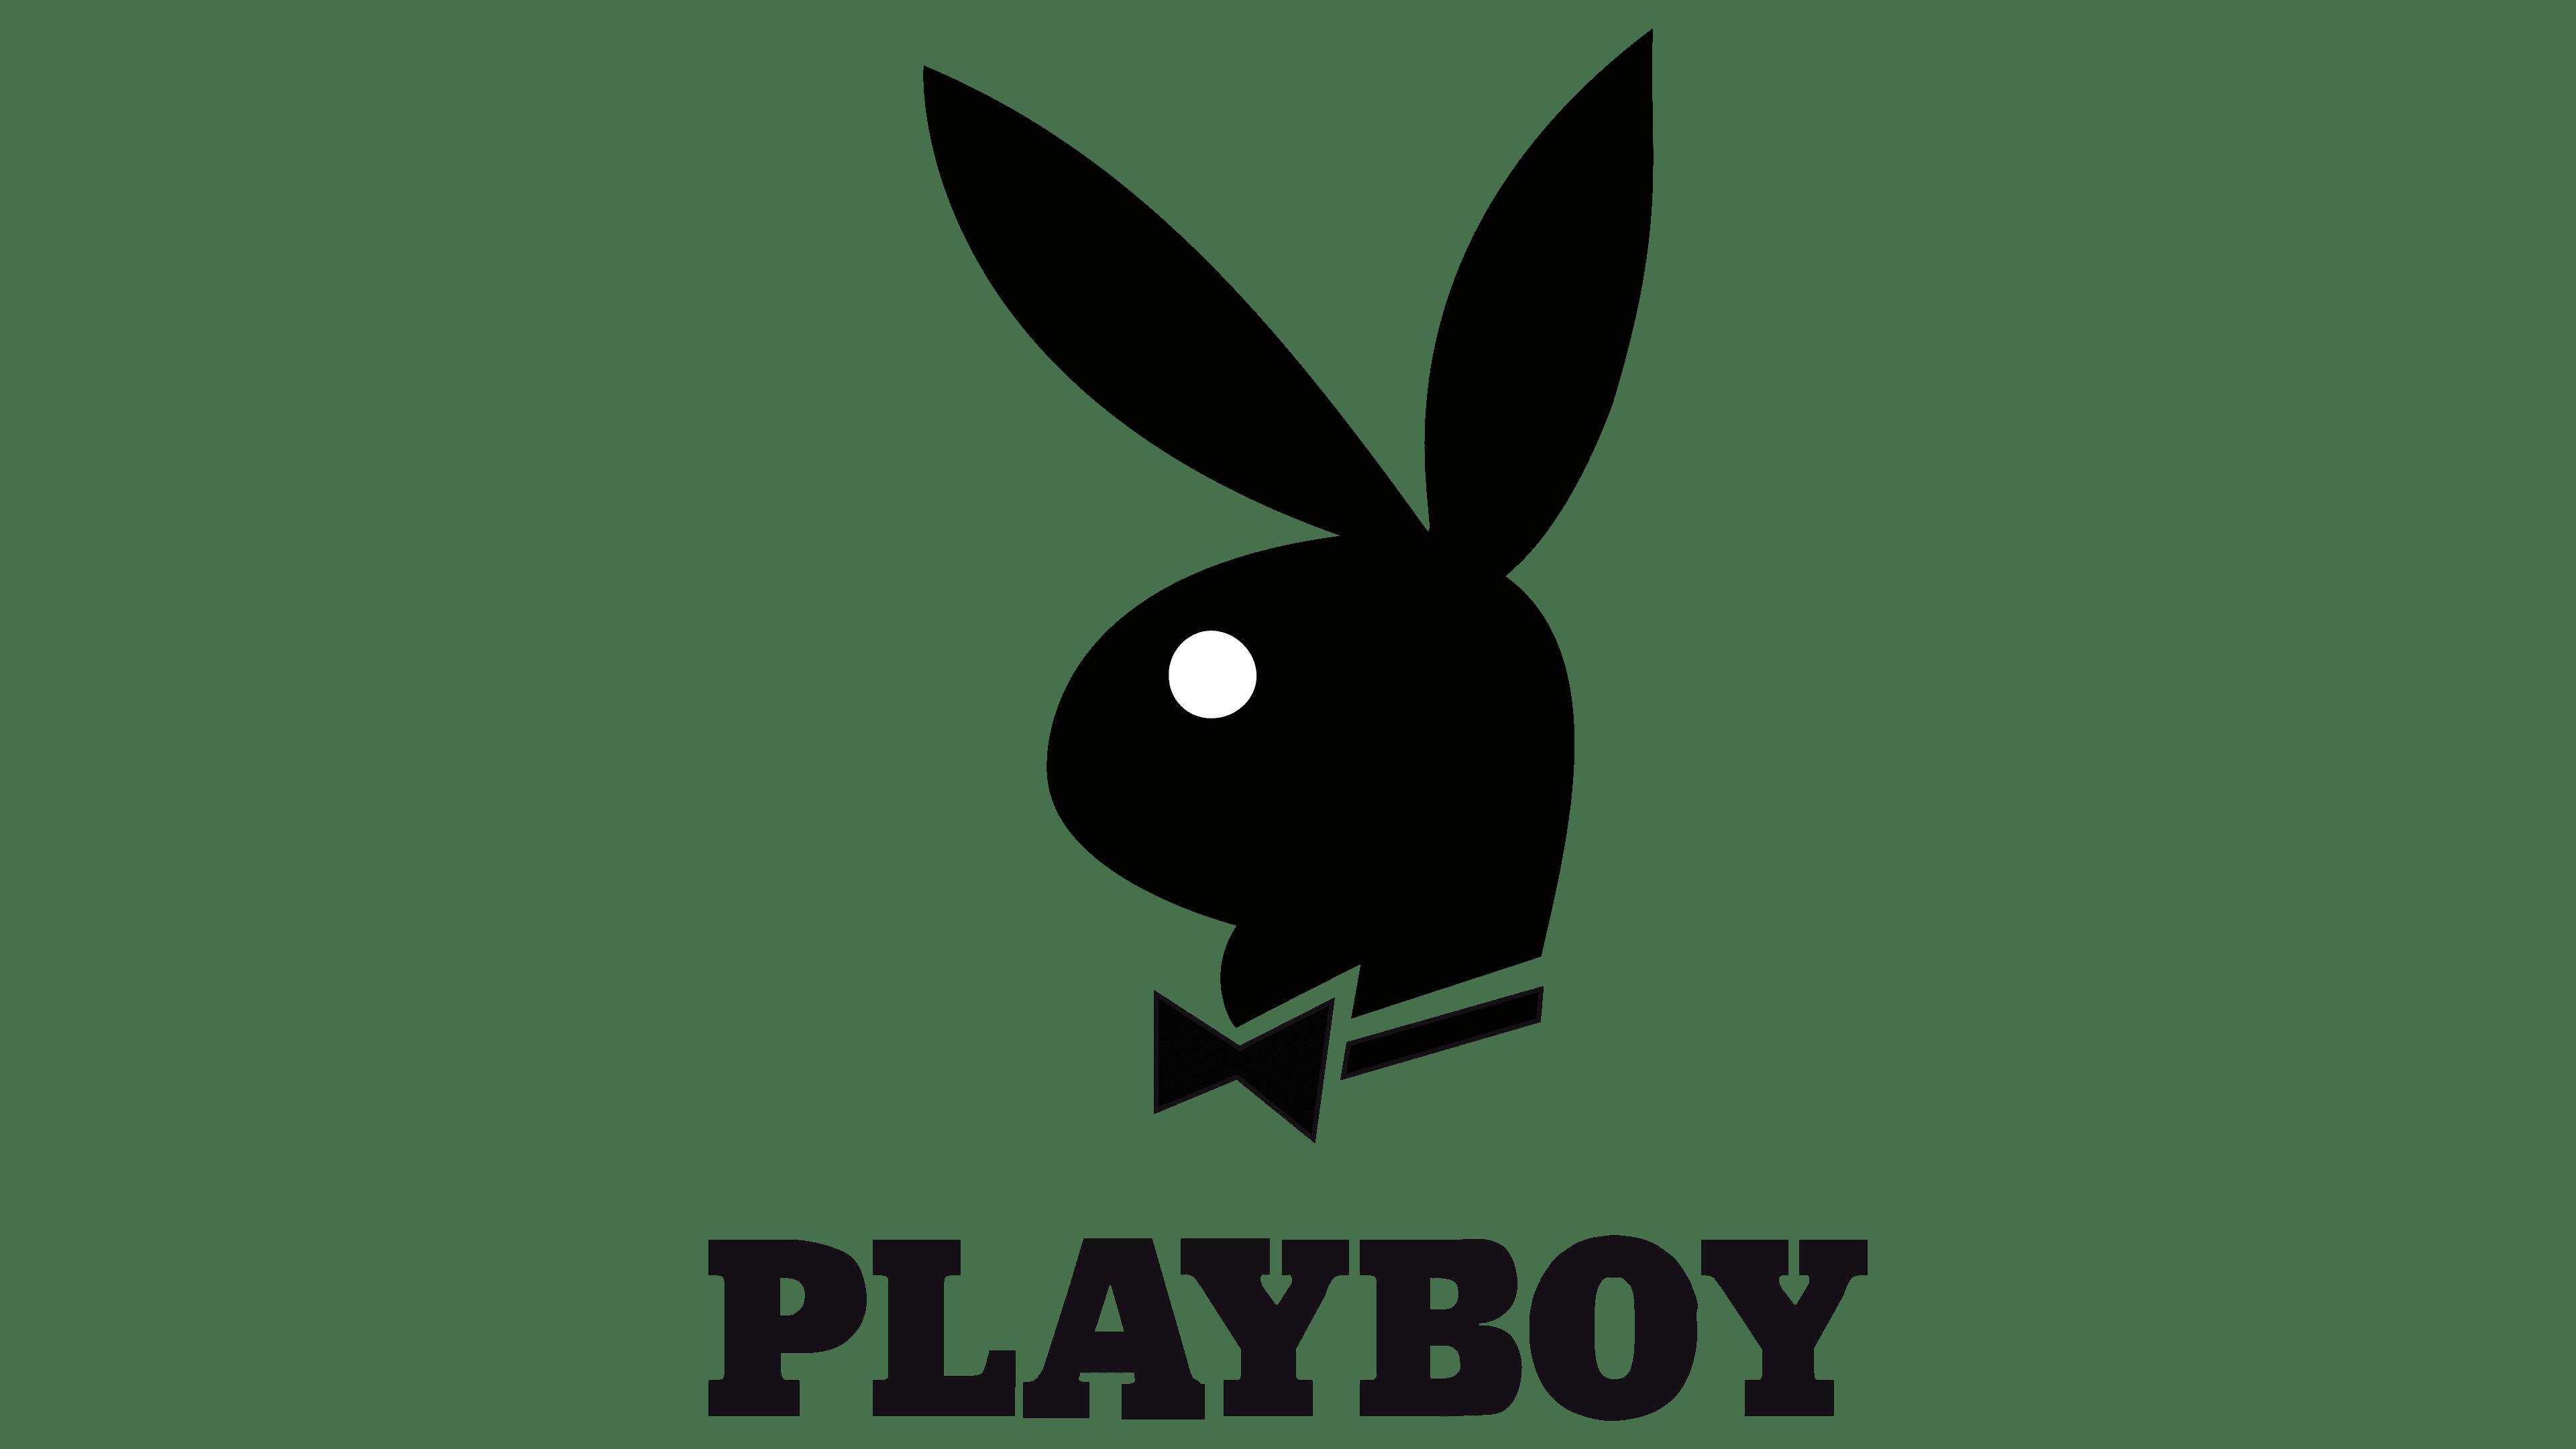 Playboy emblem